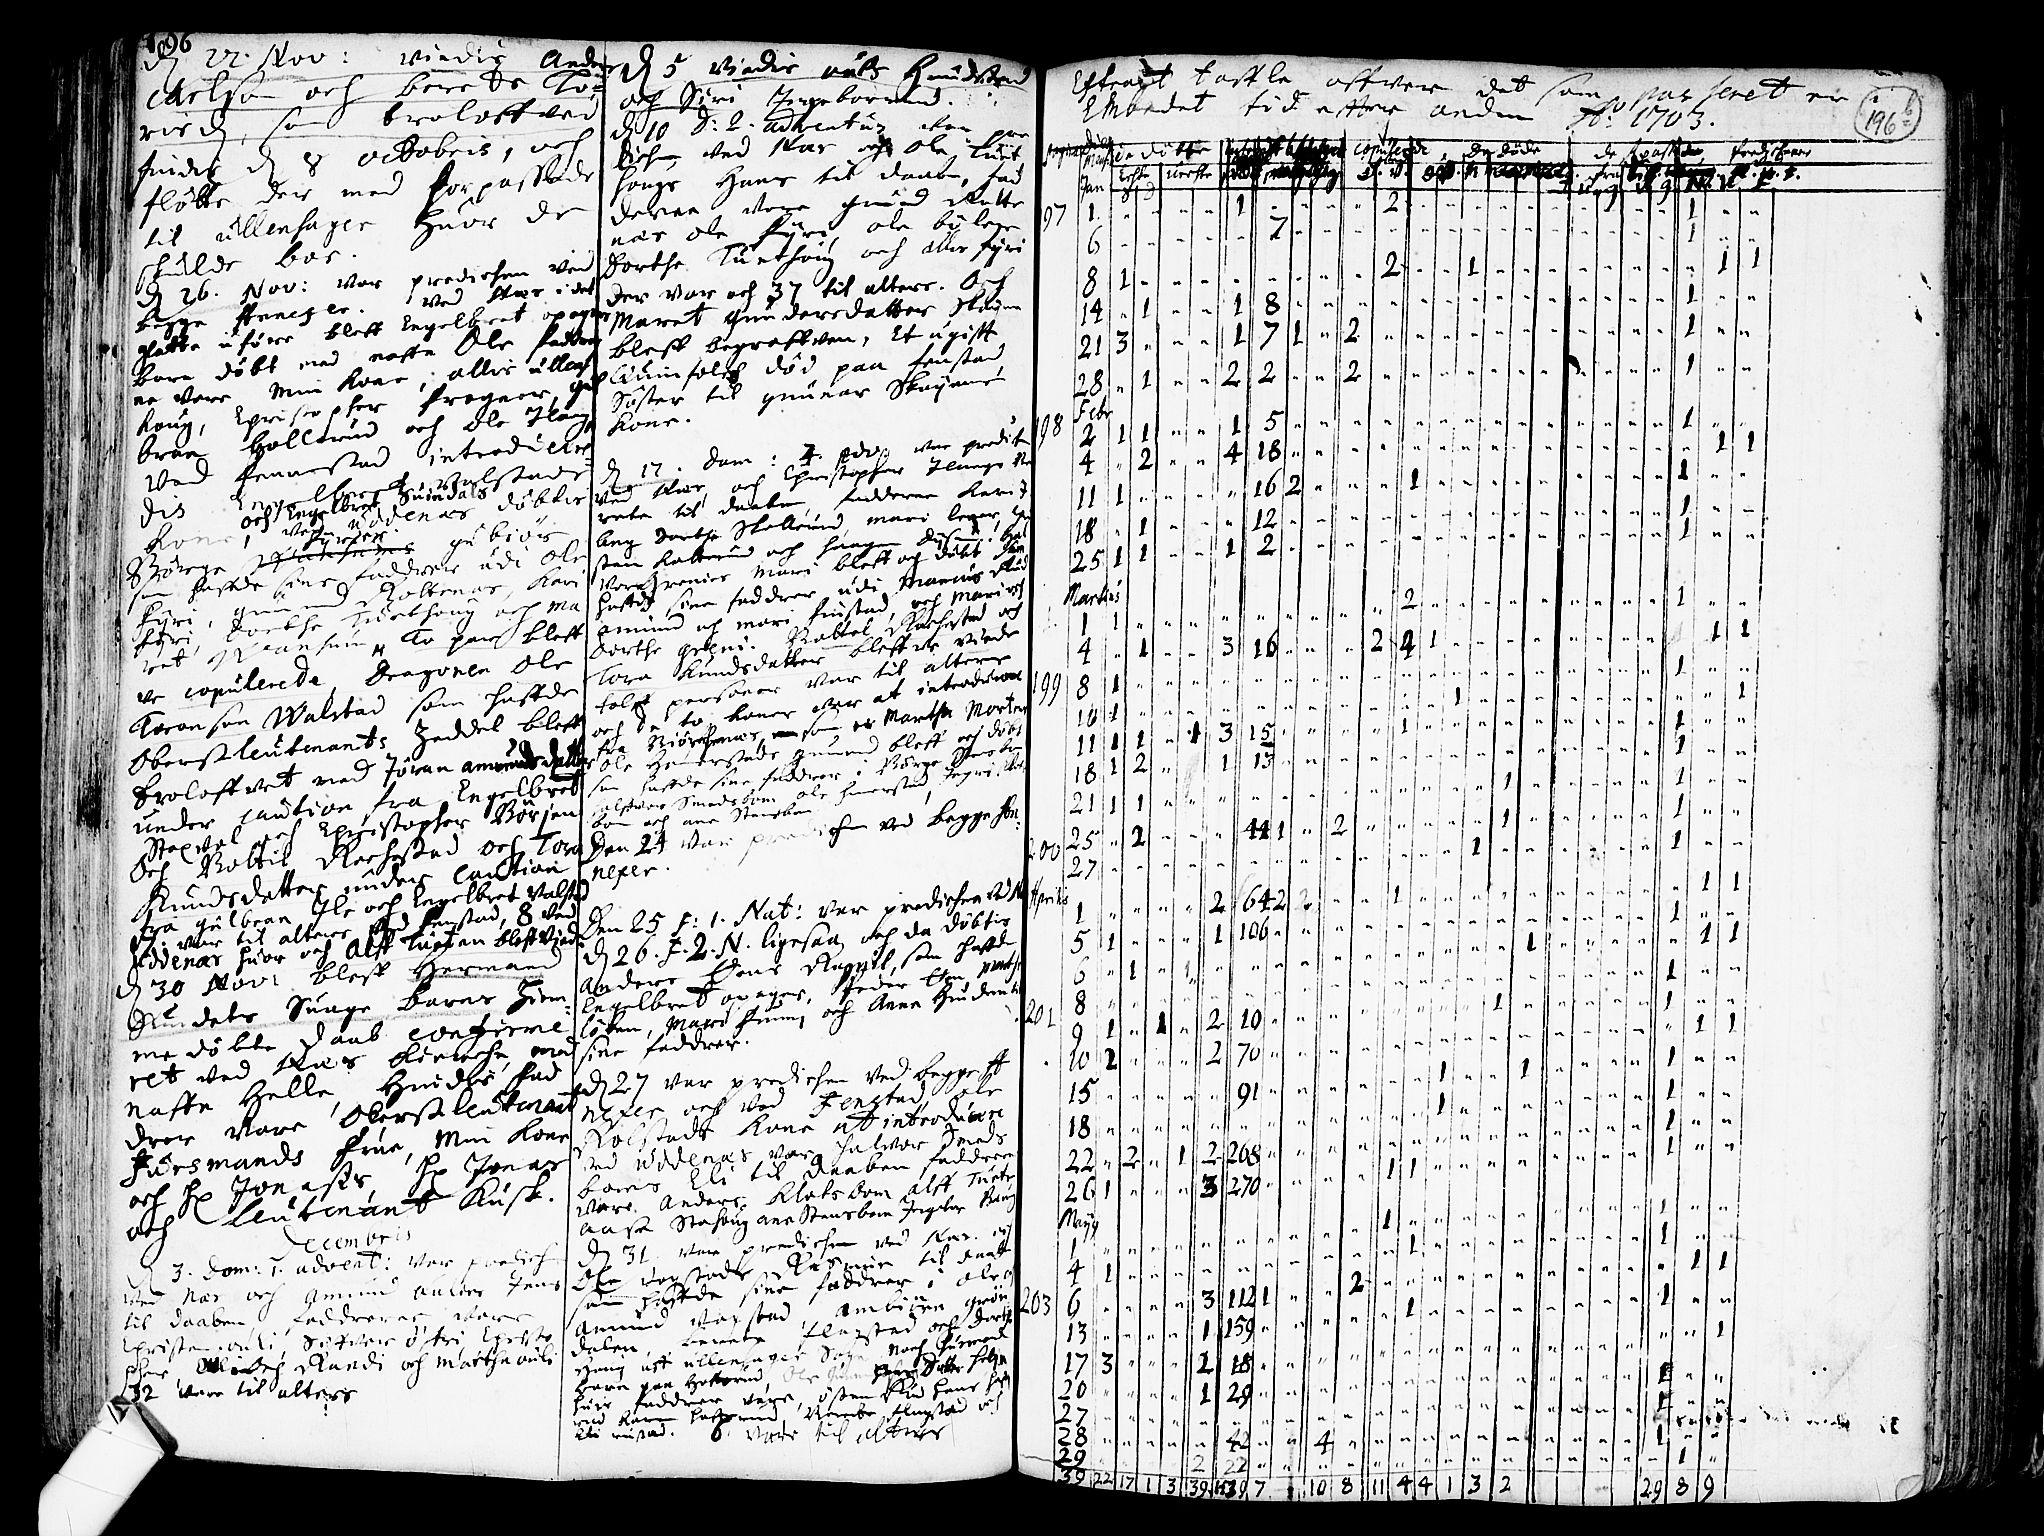 SAO, Nes prestekontor Kirkebøker, F/Fa/L0001: Ministerialbok nr. I 1, 1689-1716, s. 196a-196b